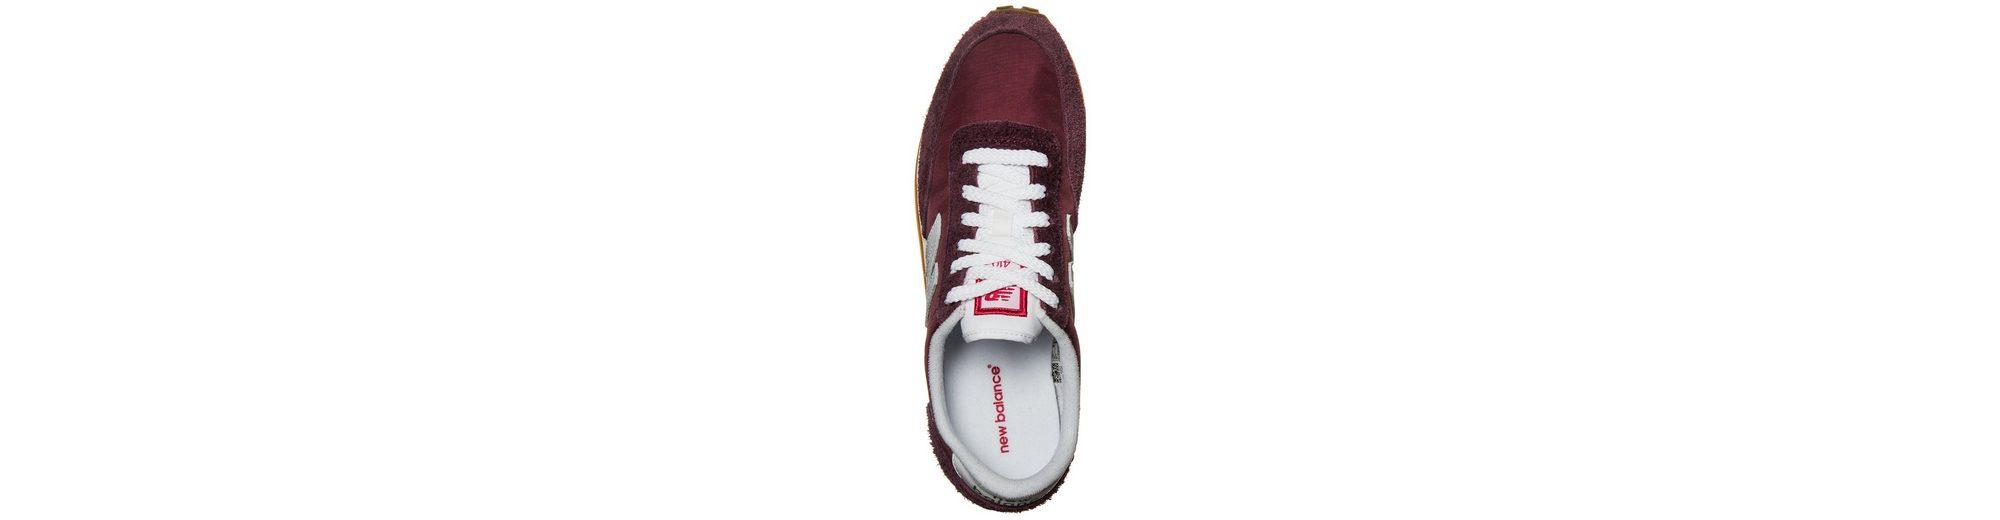 Versorgung Verkauf Online New Balance U410-BD-D Sneaker Damen Erhalten Authentisch dt7H1VNgx